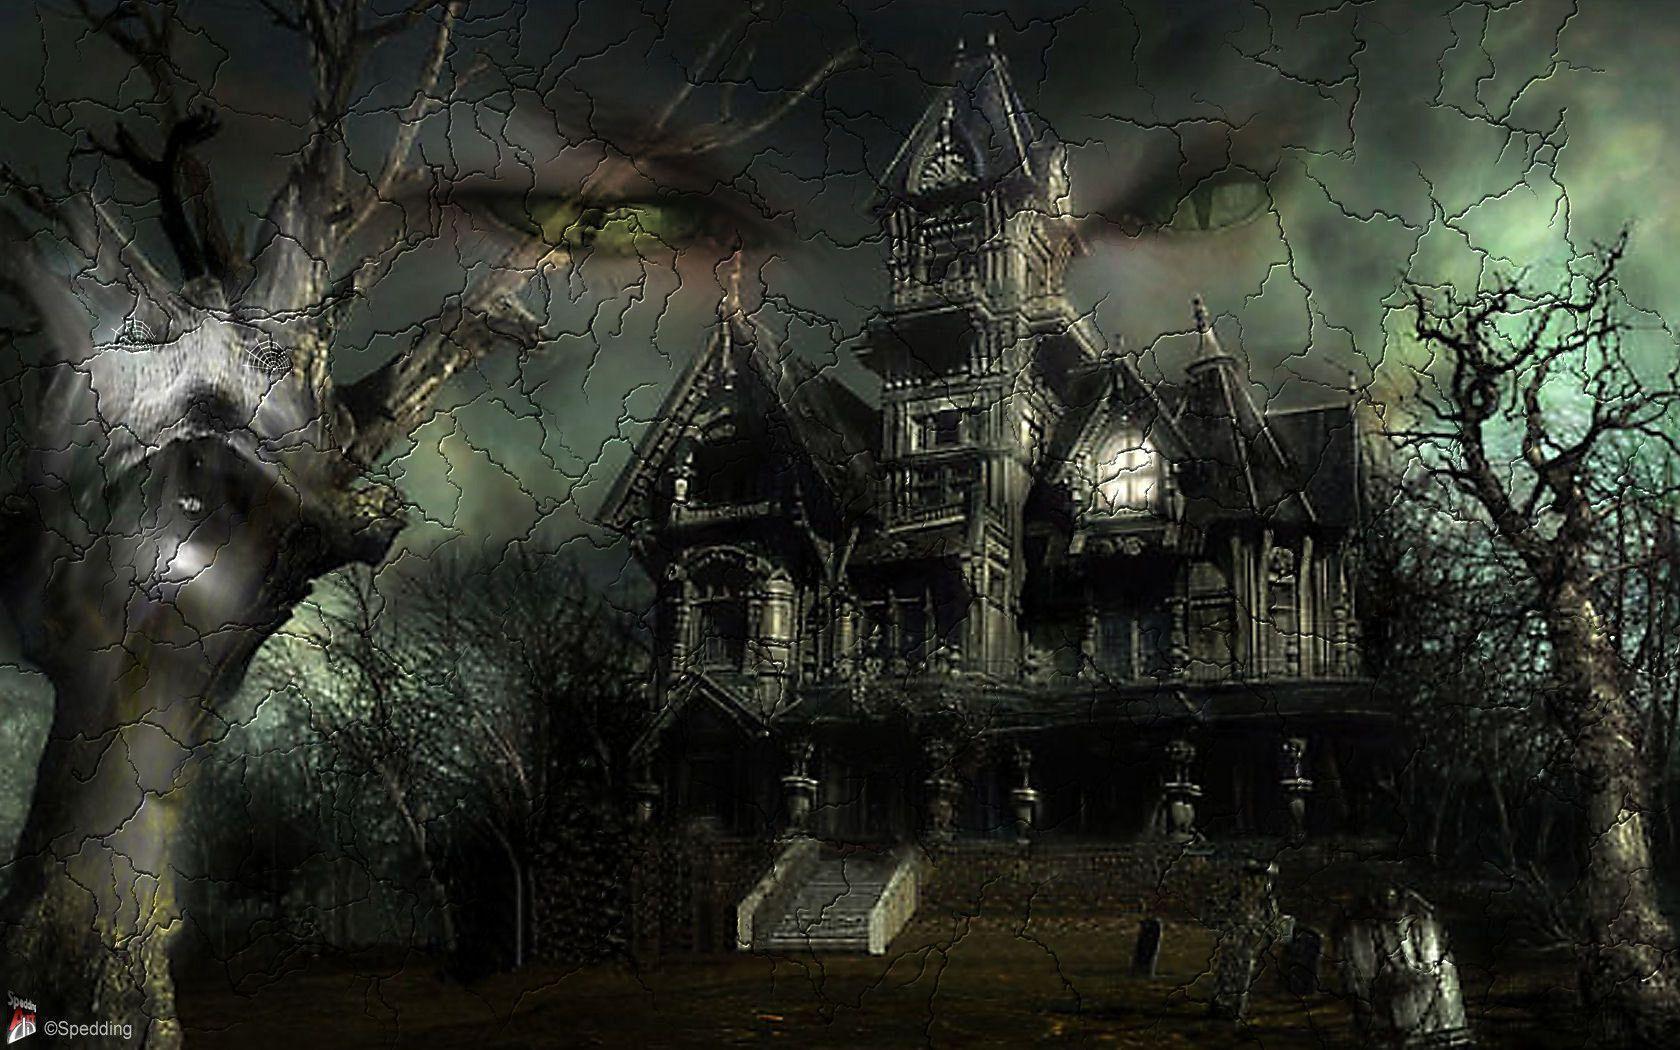 Scary Halloween Desktop Backgrounds - Wallpaper Cave